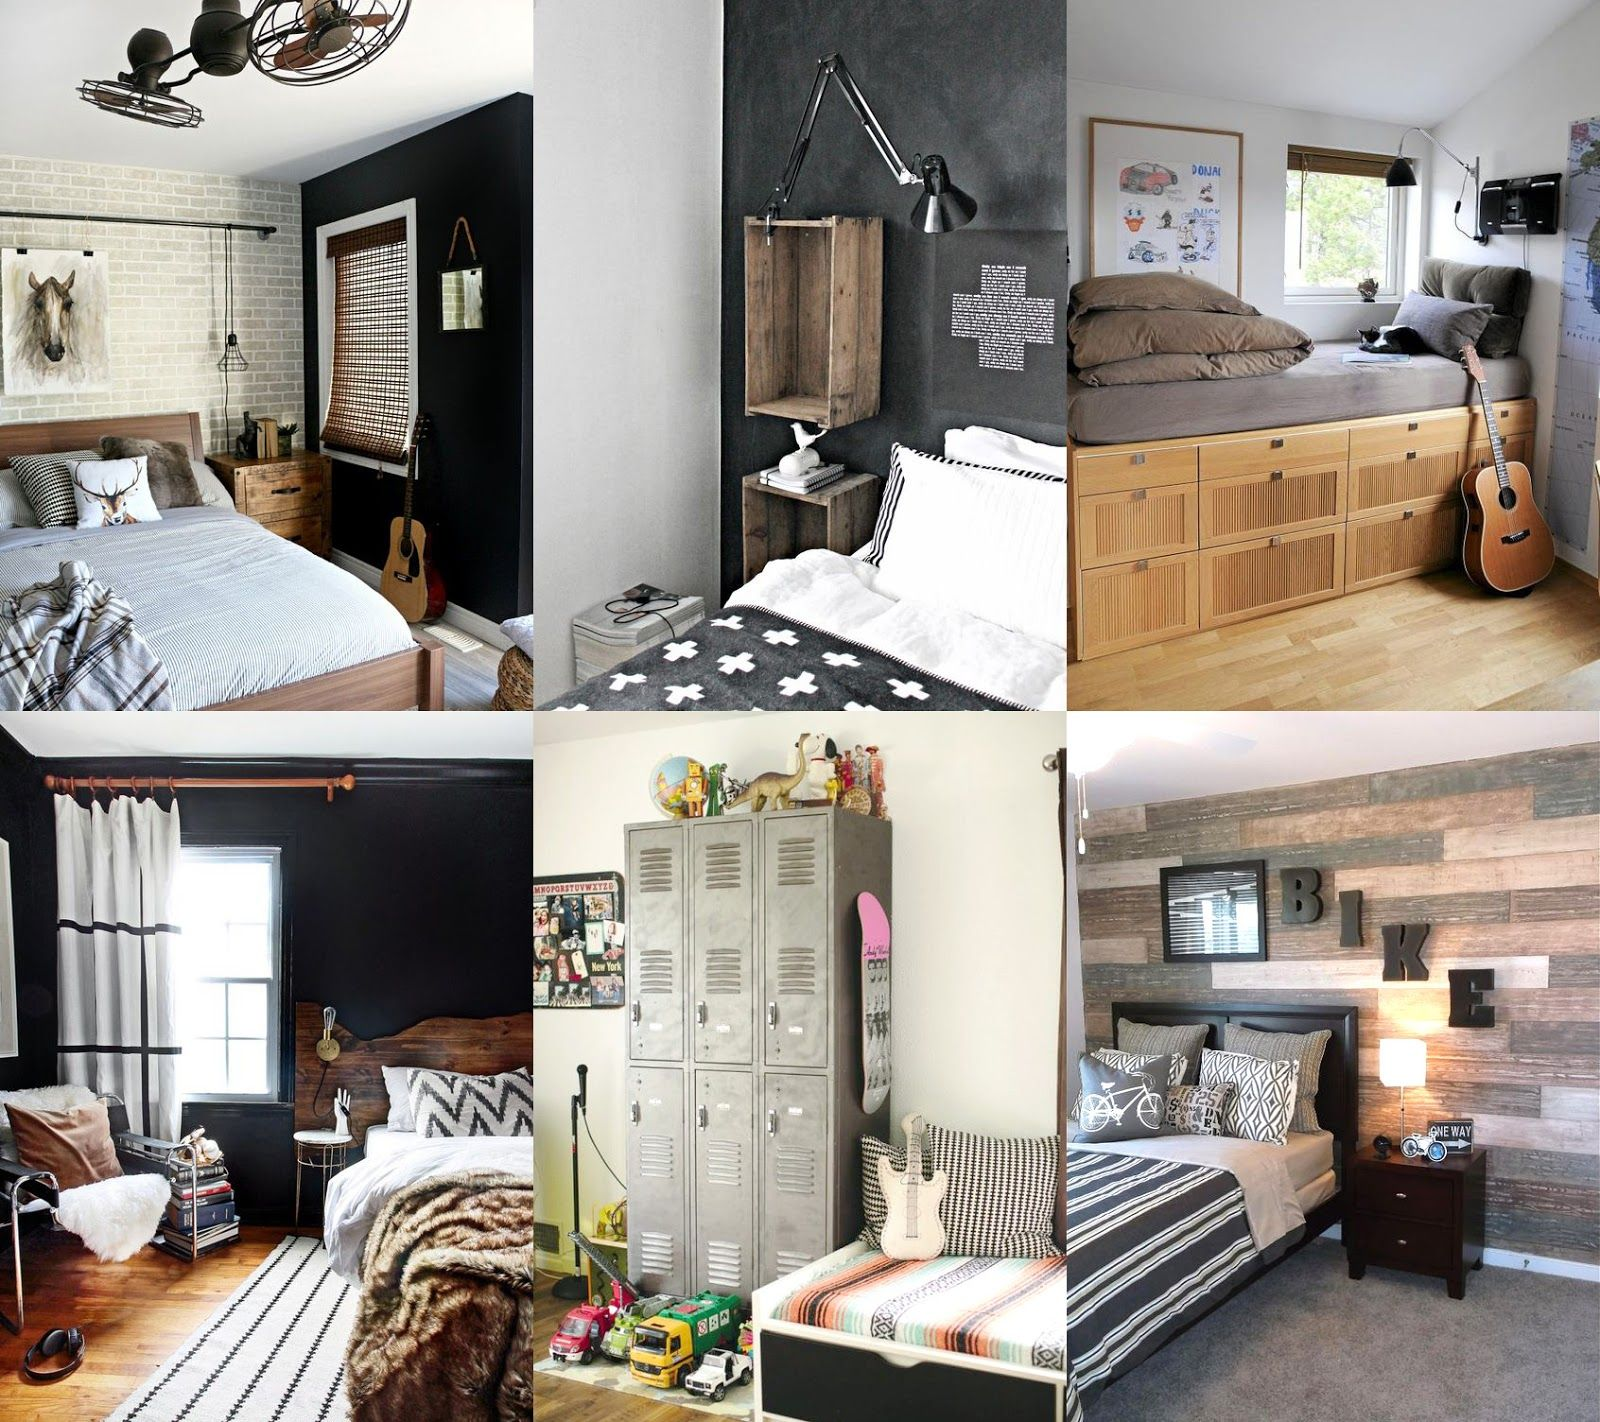 Idee Per Camere Ragazzi idee per la camera di un ragazzo | idee per la camera